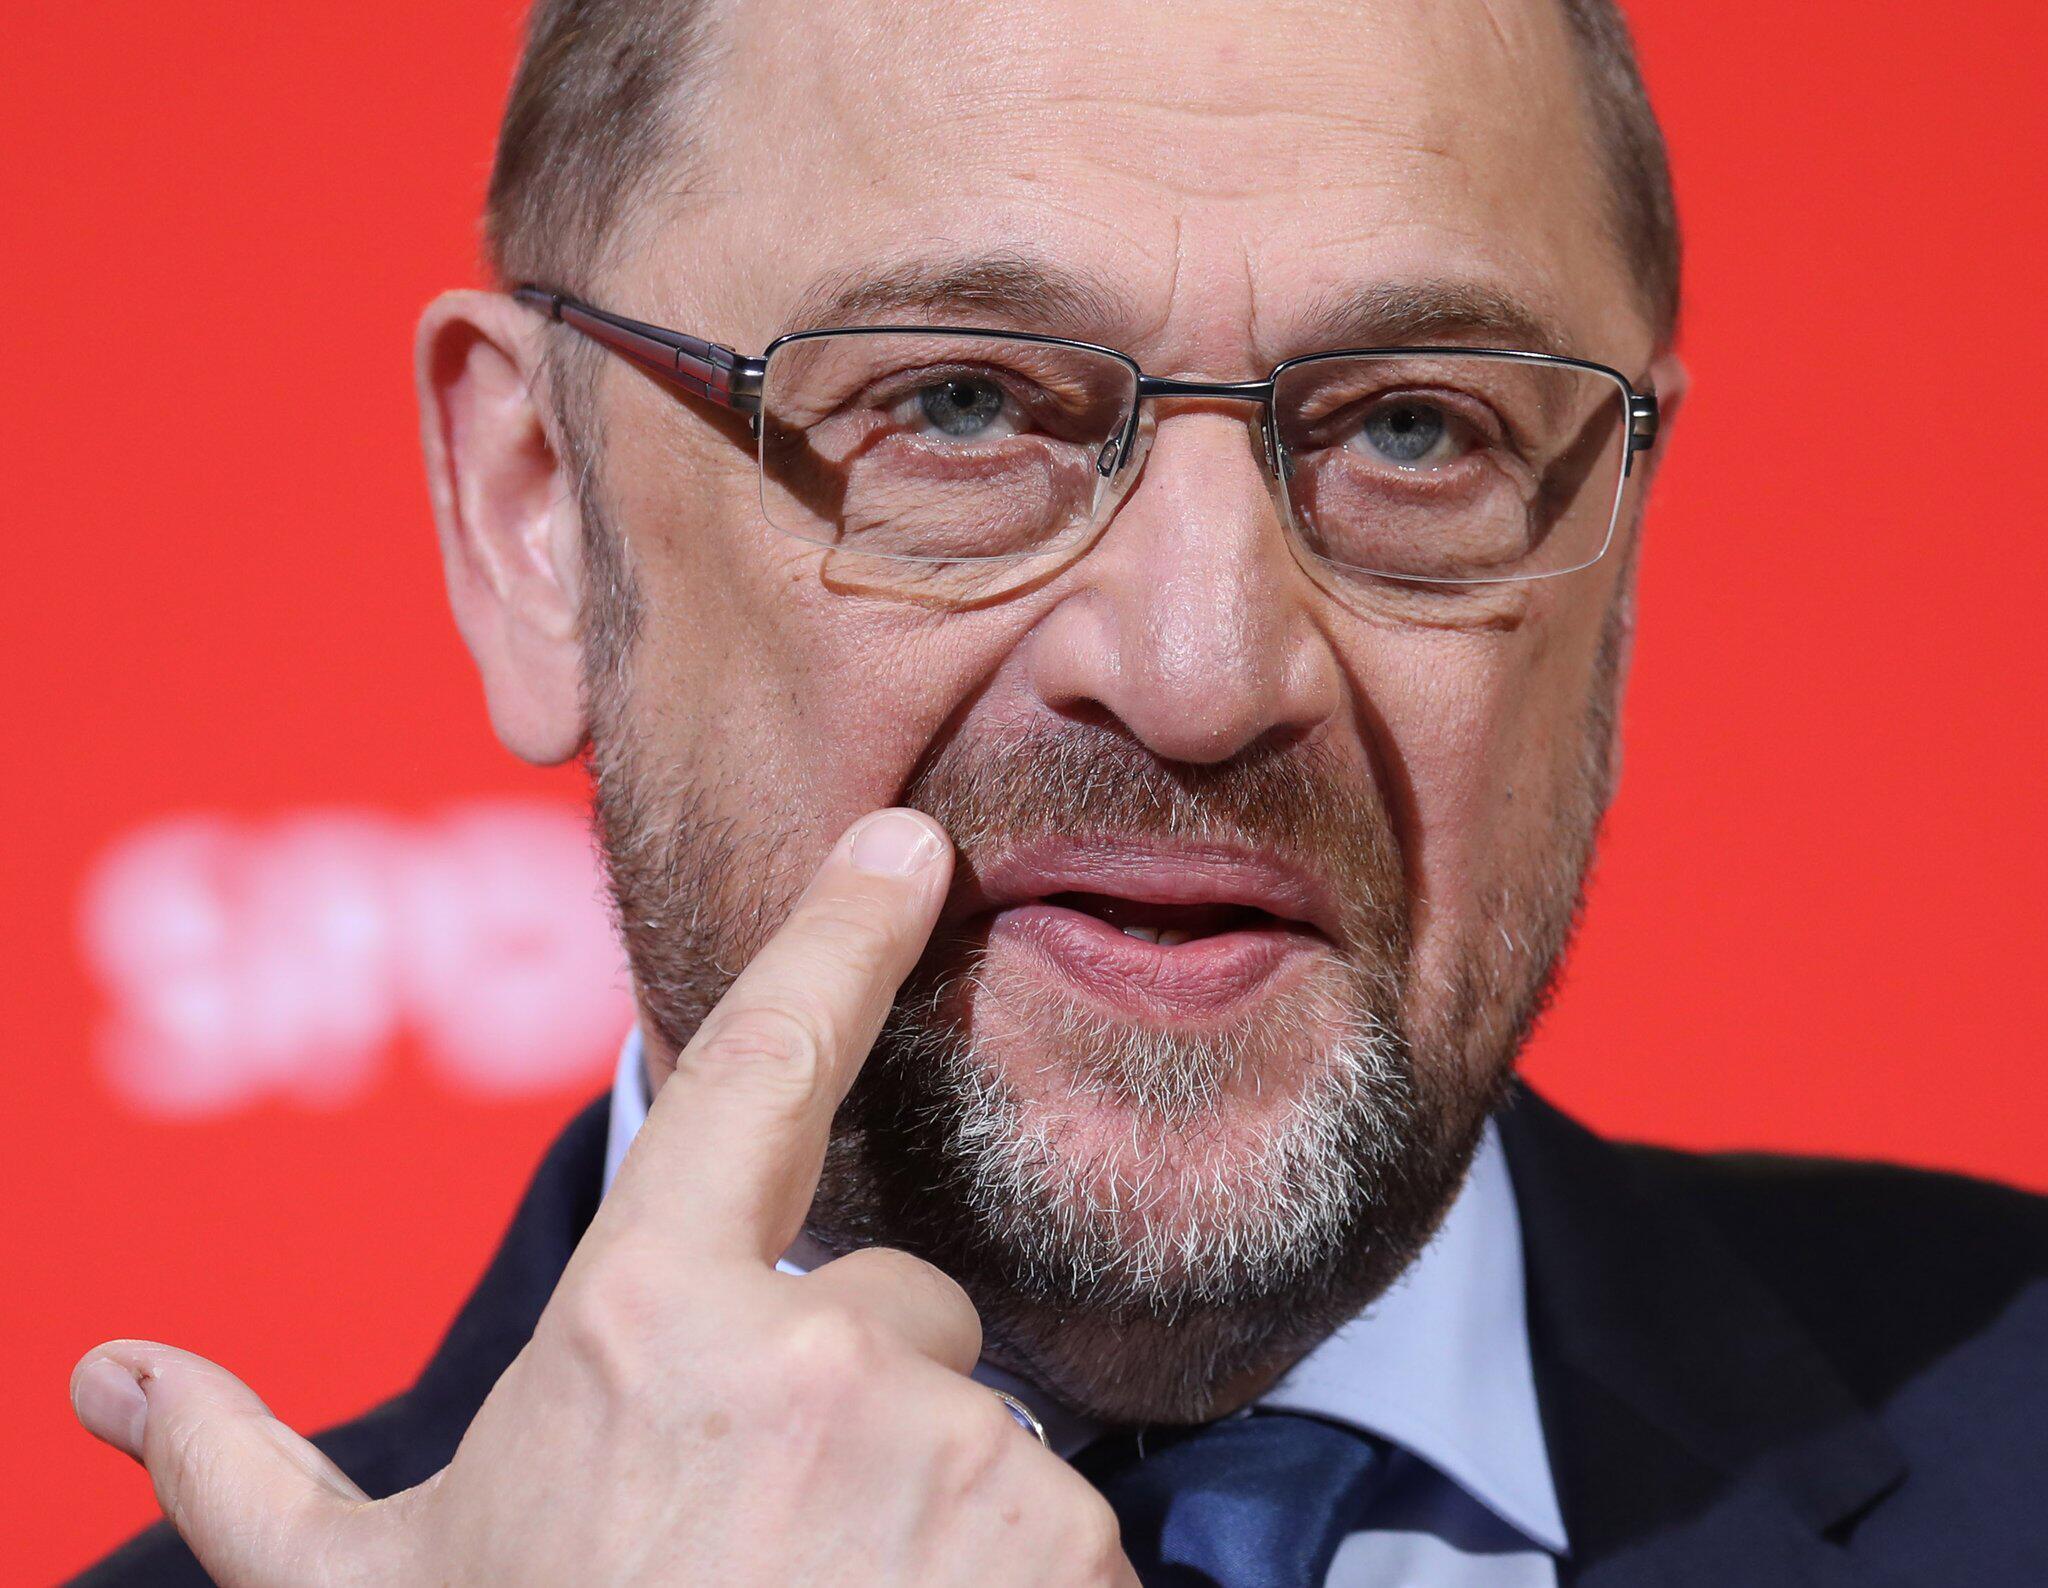 Bild zu Martin Schulz press conference